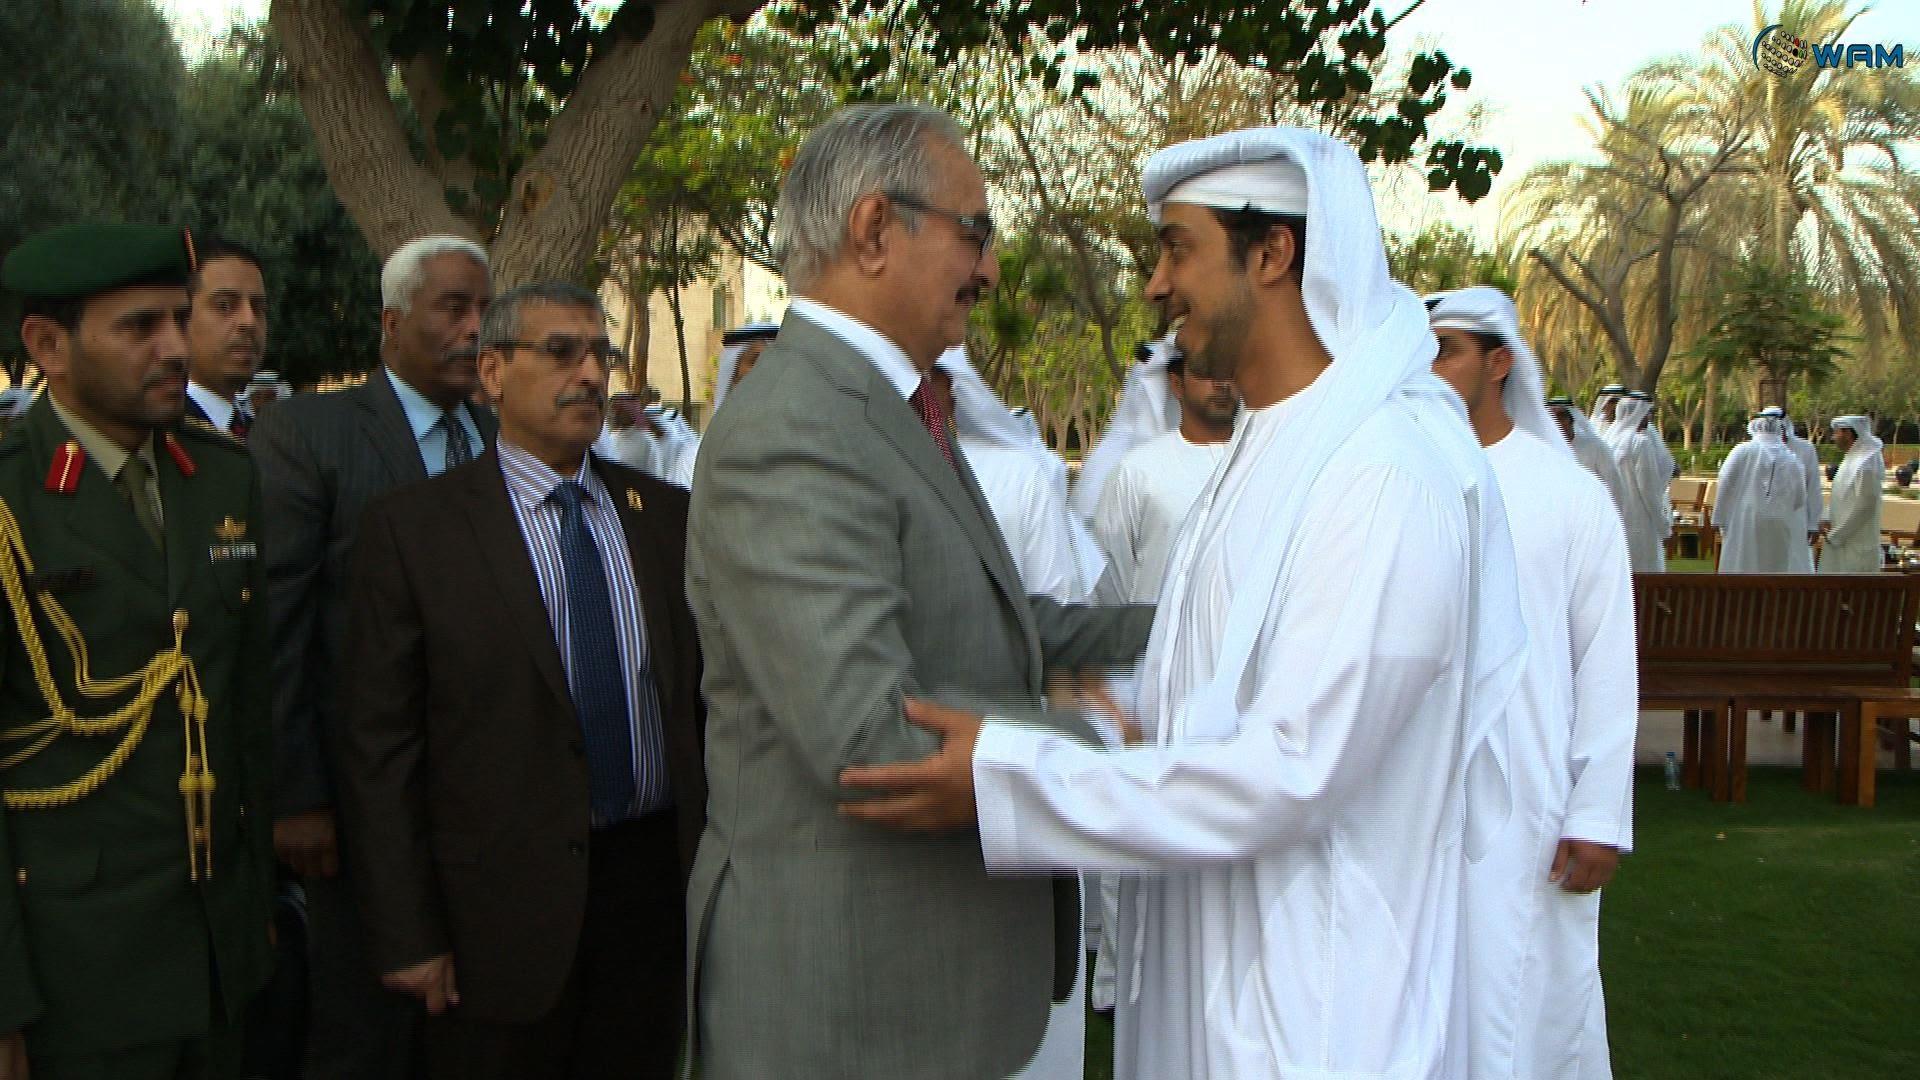 مصادر ليبية: واشنطن عرقلت مساعي الإمارات وحفتر عقد لقاءات بهدف إفشال حكومة الوفاق